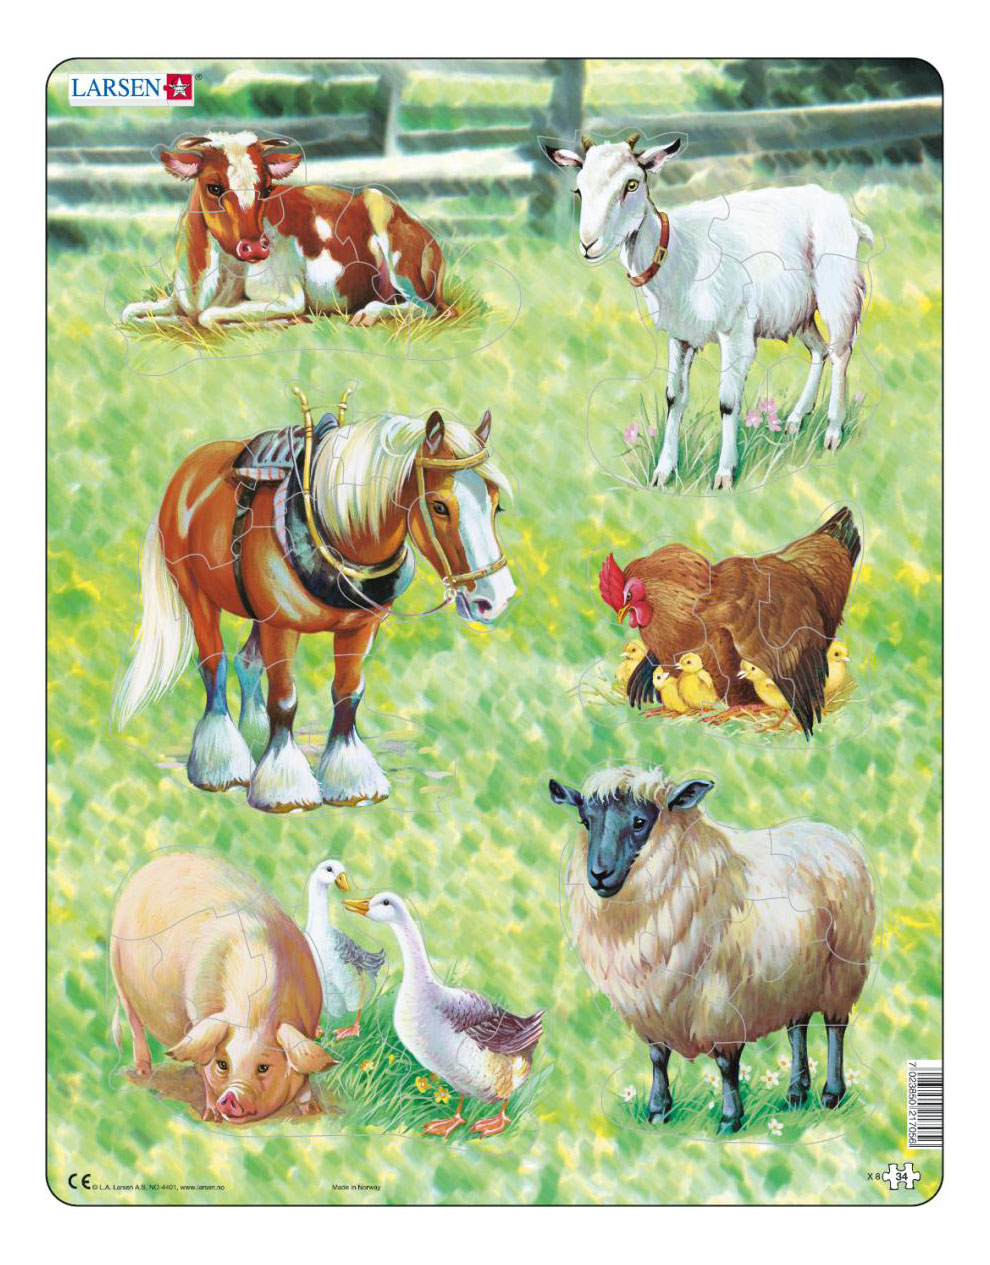 Купить Пазл Домашние животные 34 элем. Larsen X8, Пазлы